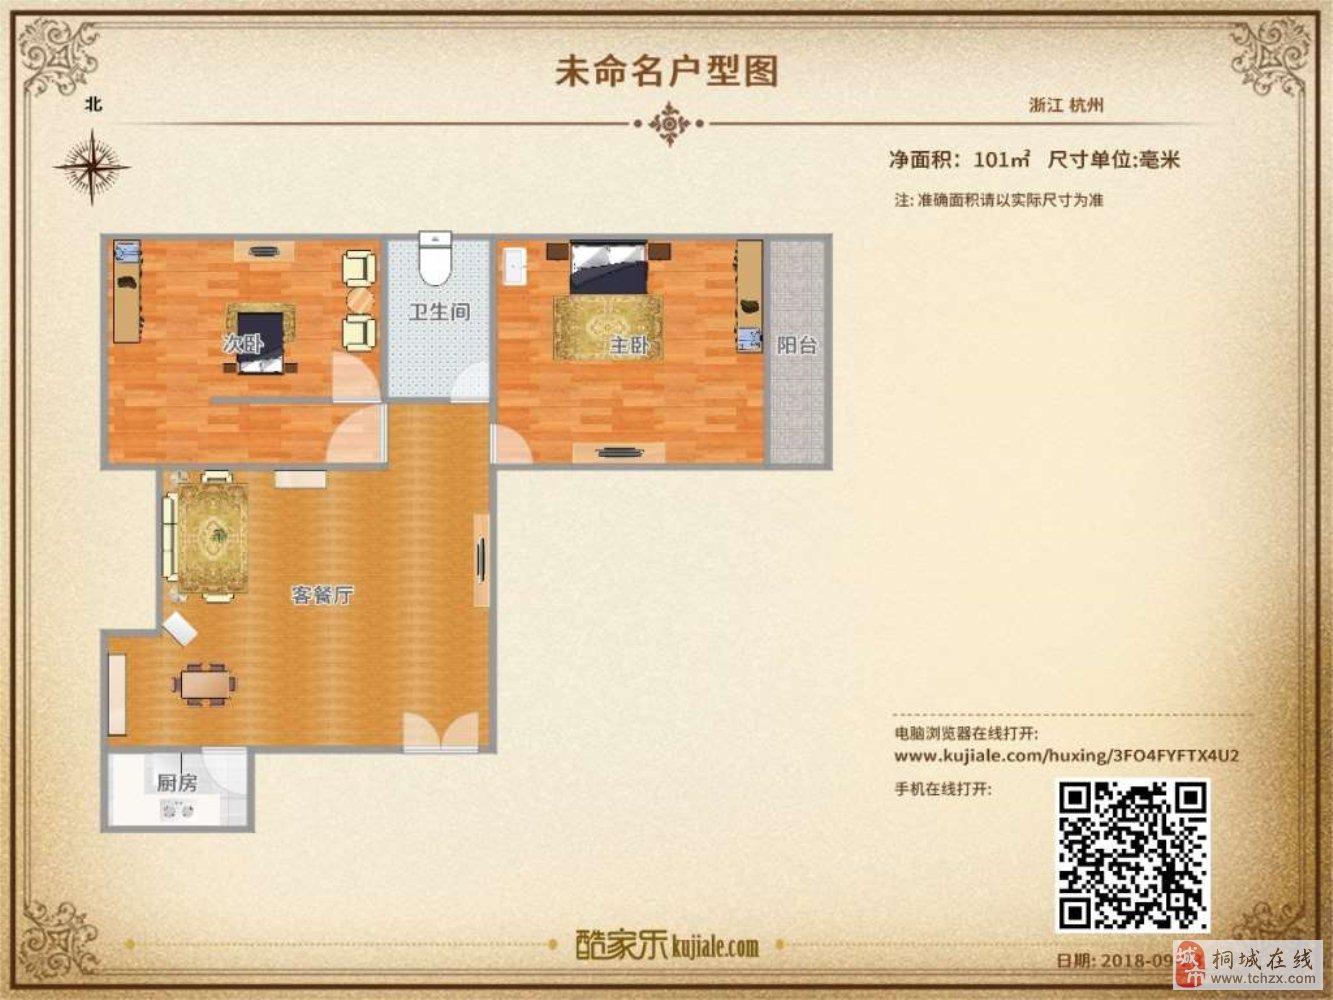 元安·文都一品2室2厅1卫60万元